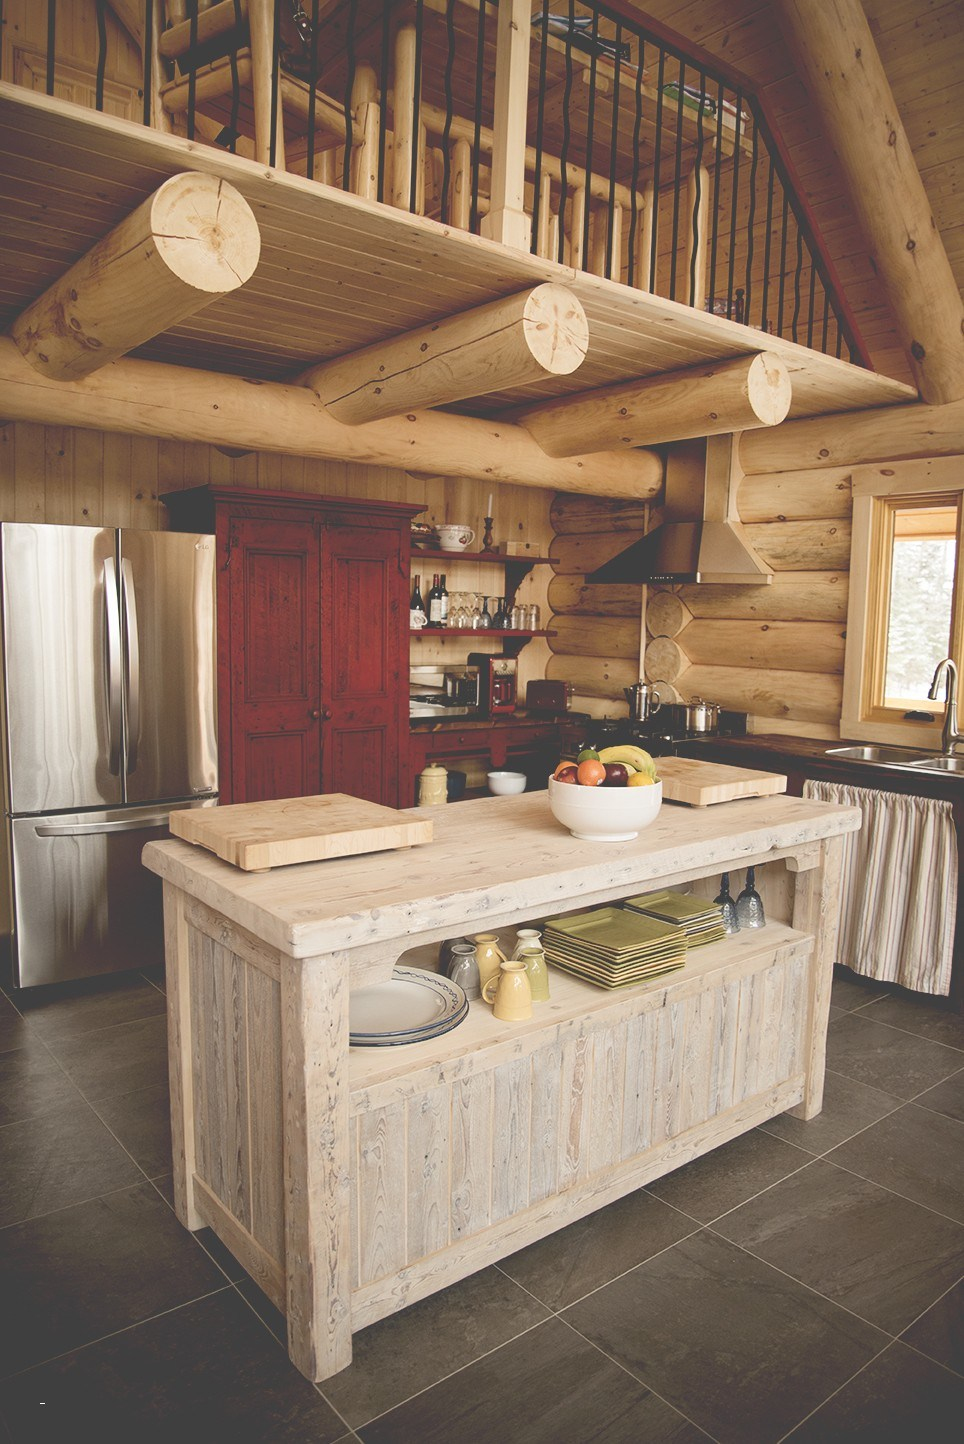 Cuisine Chalet Rustique Beau Collection Cuisine Chalet Bois élégant Home Staging Cuisine Rustique …½lot De